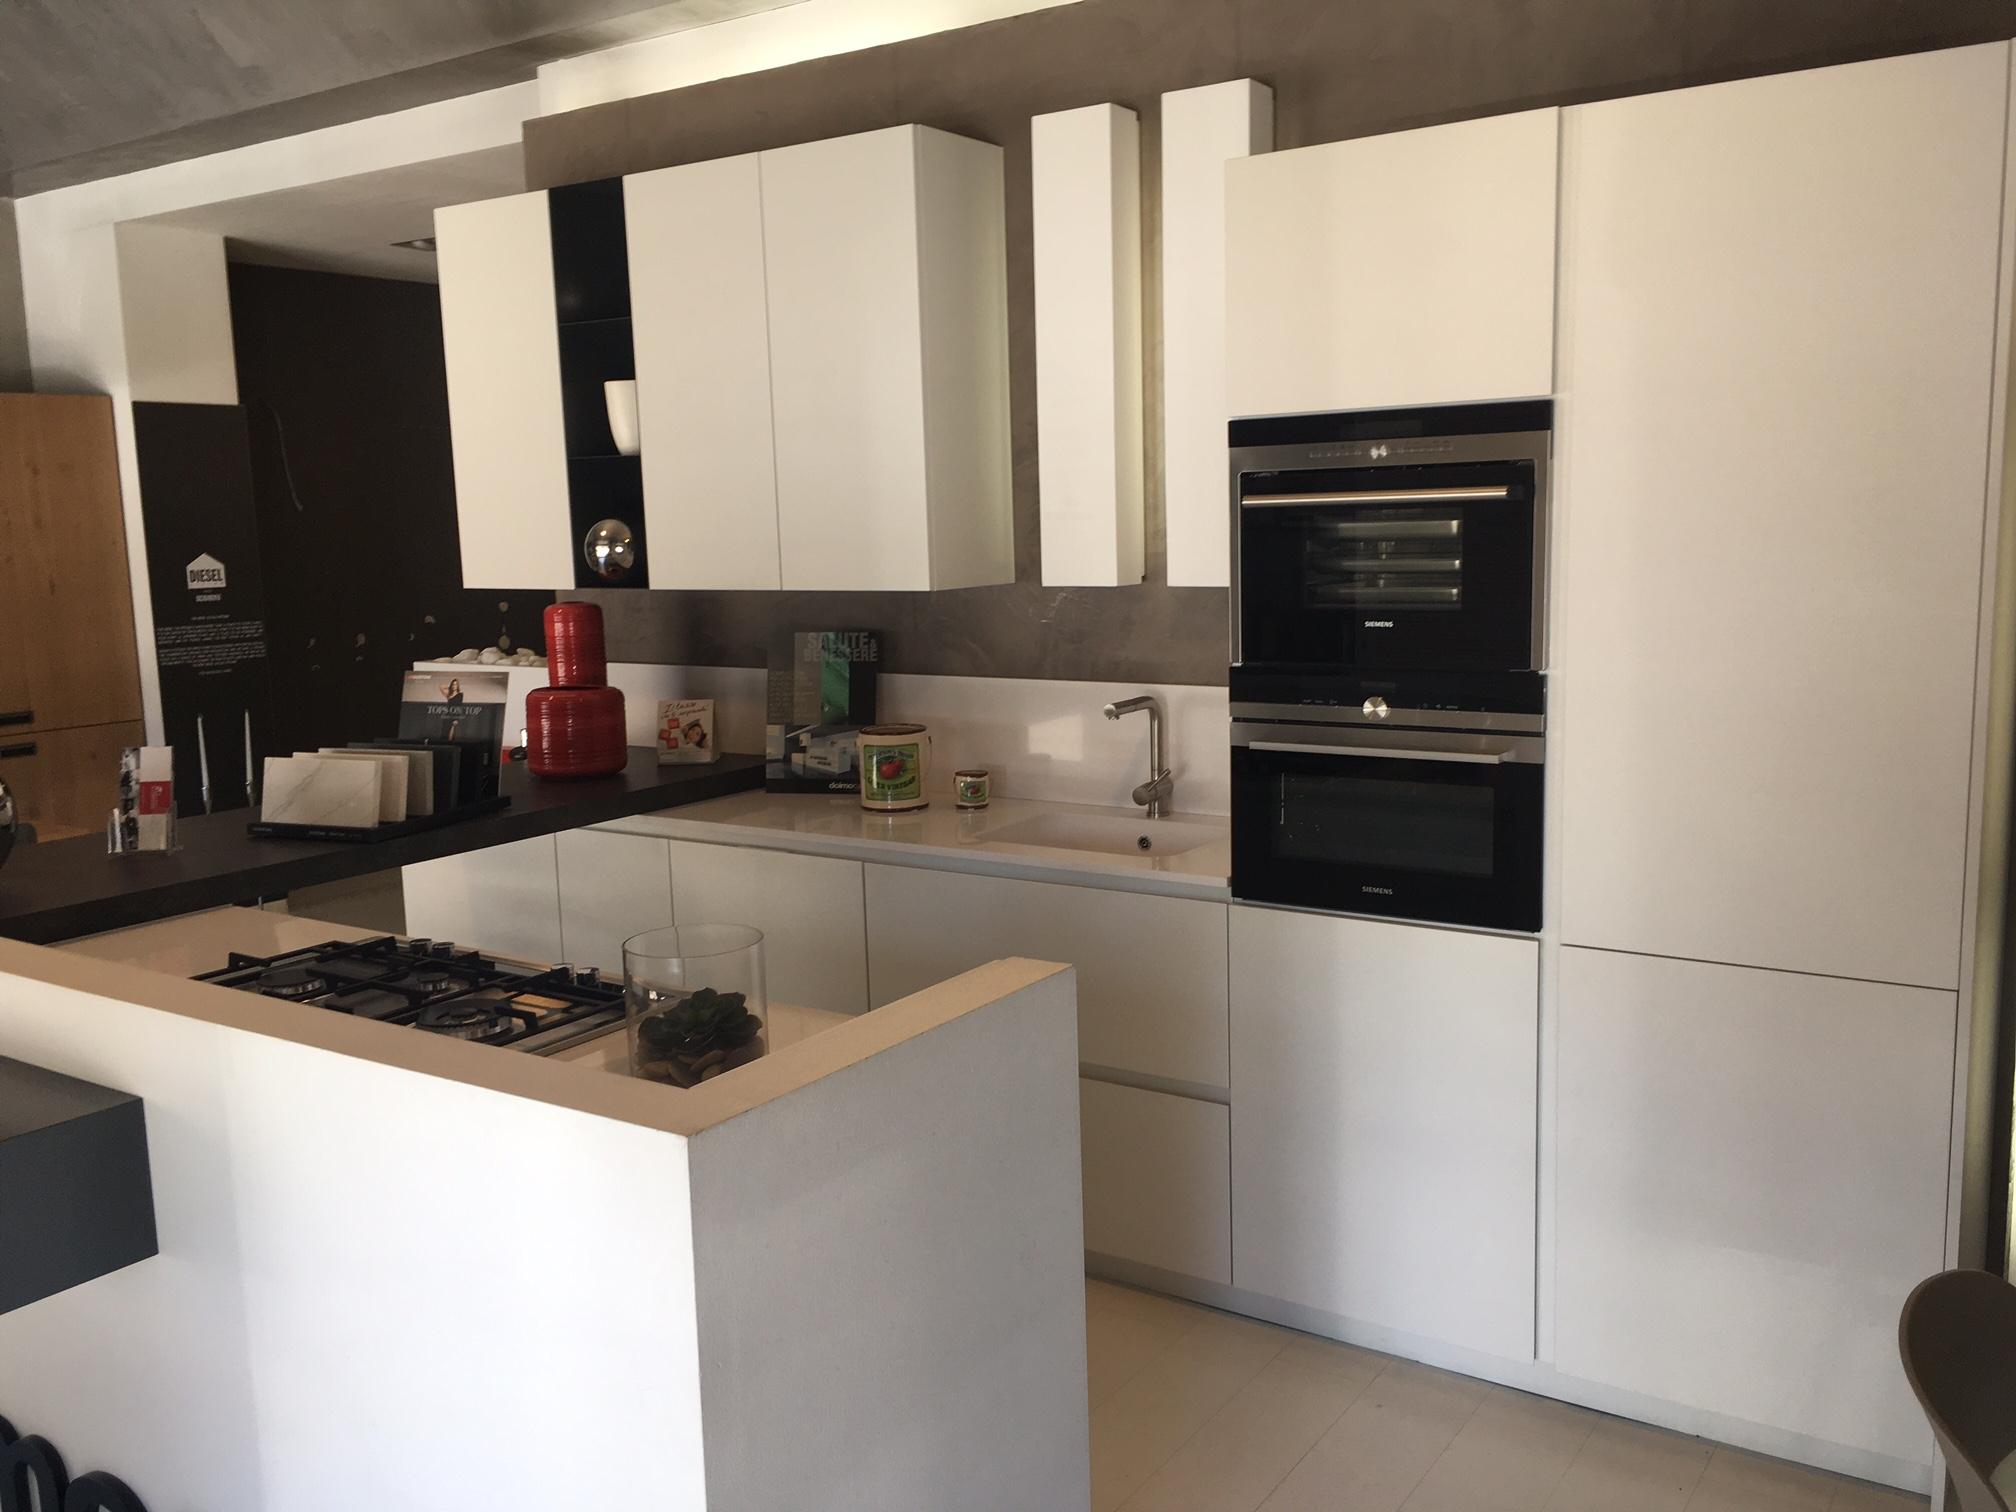 Cucine moderne con isola prezzi cool cucina veneta cucine - Cucina isola prezzi ...